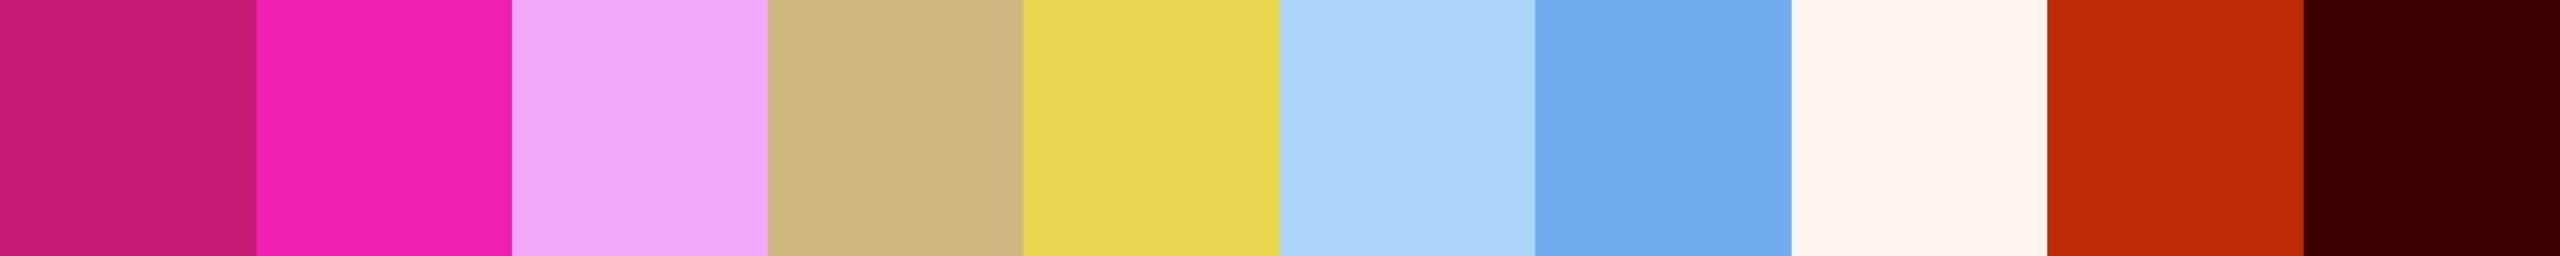 180 Wistrela Color Palette